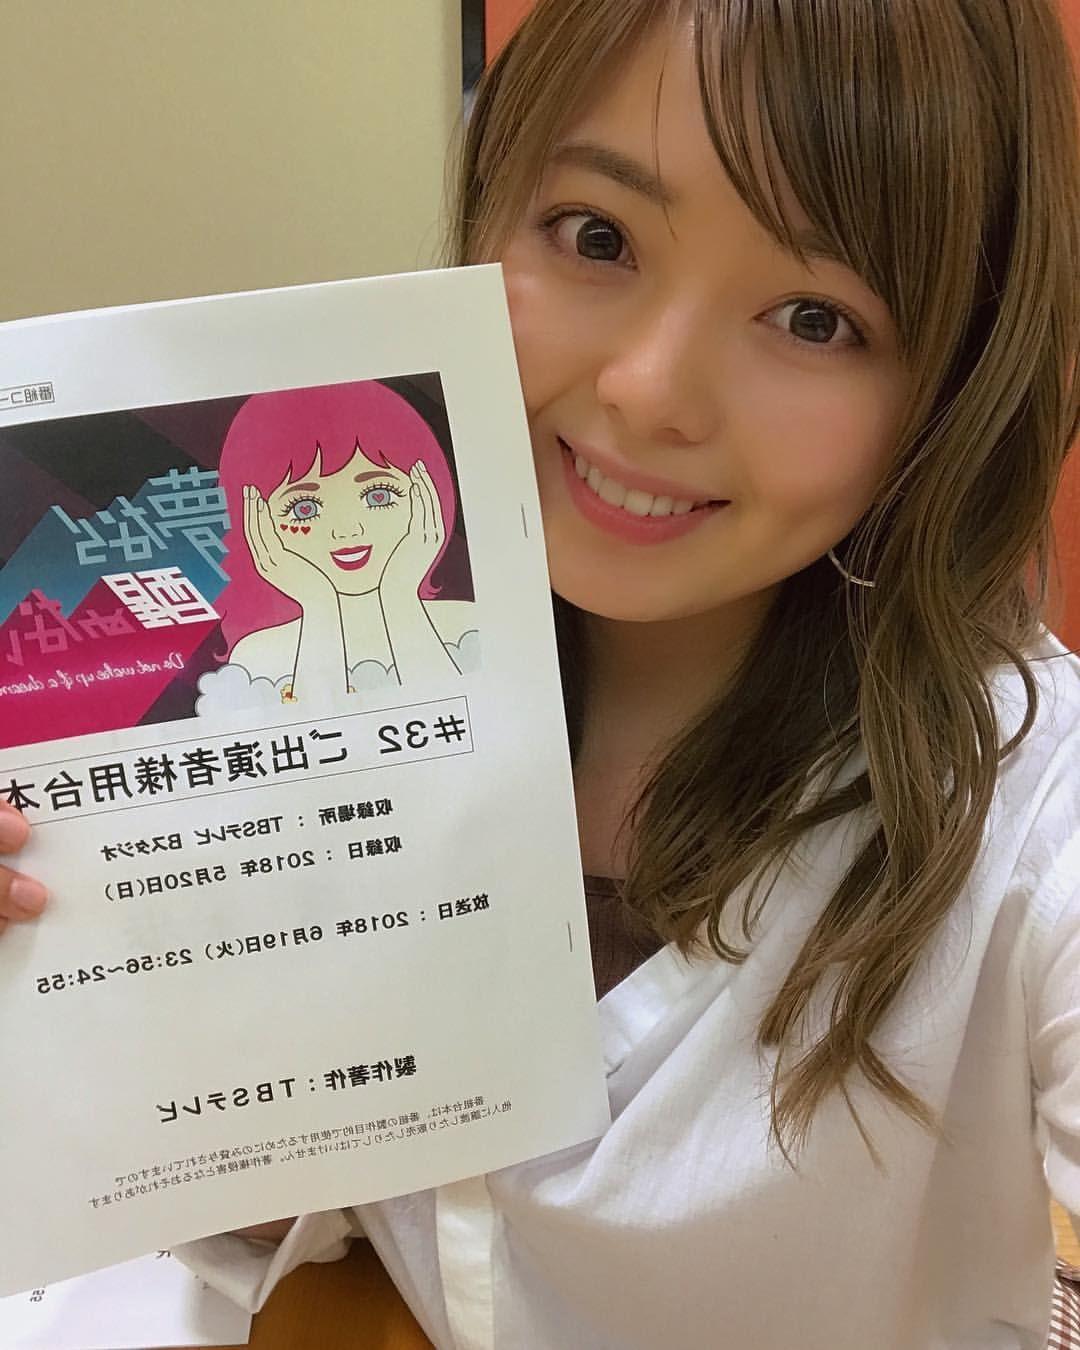 瀬戸サオリさんはInstagramを利用しています「今日は有田さんの